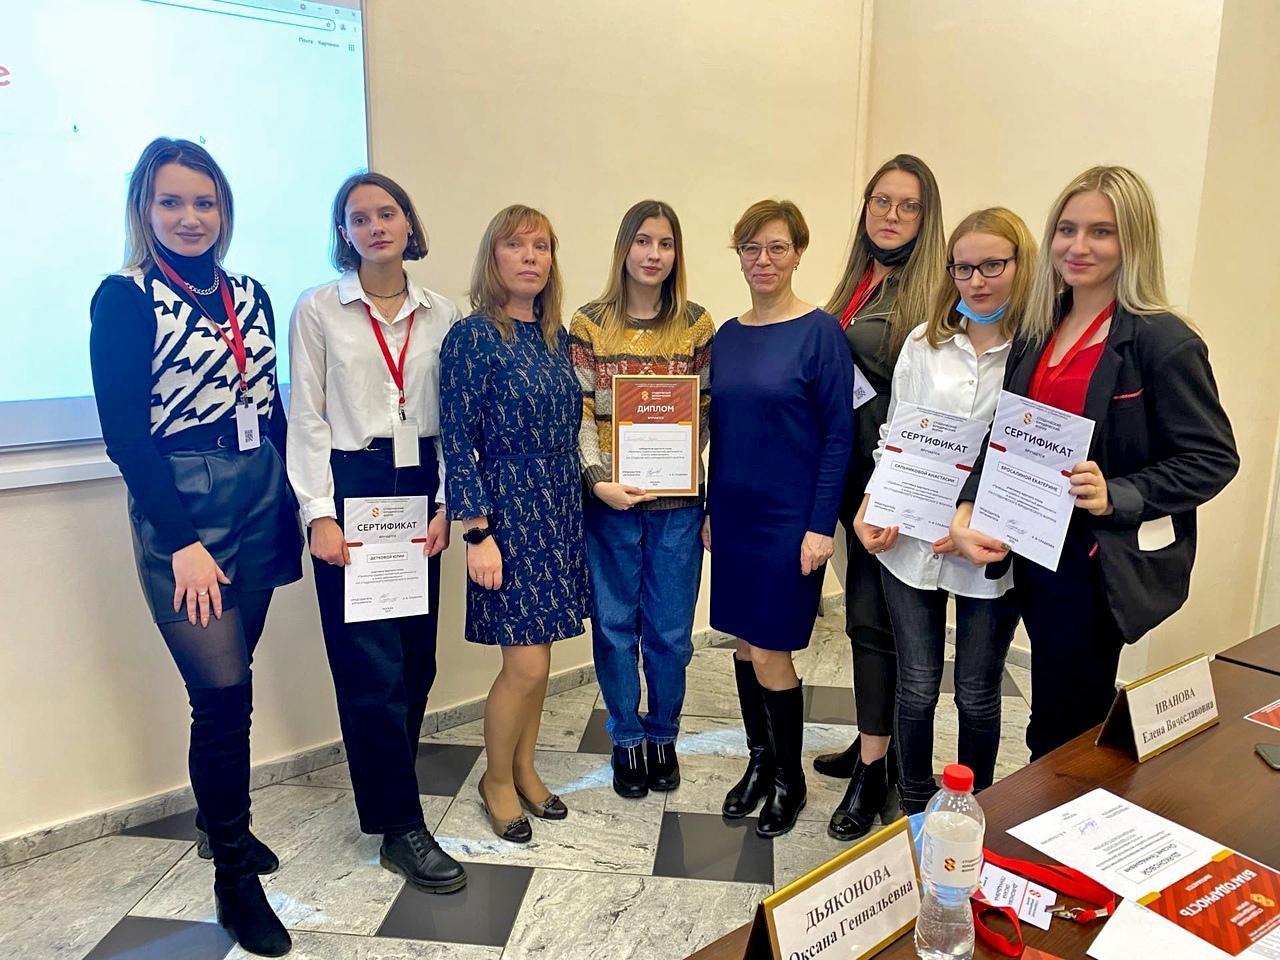 Доклад коломенской студентки стал лучшим на юридическом форуме